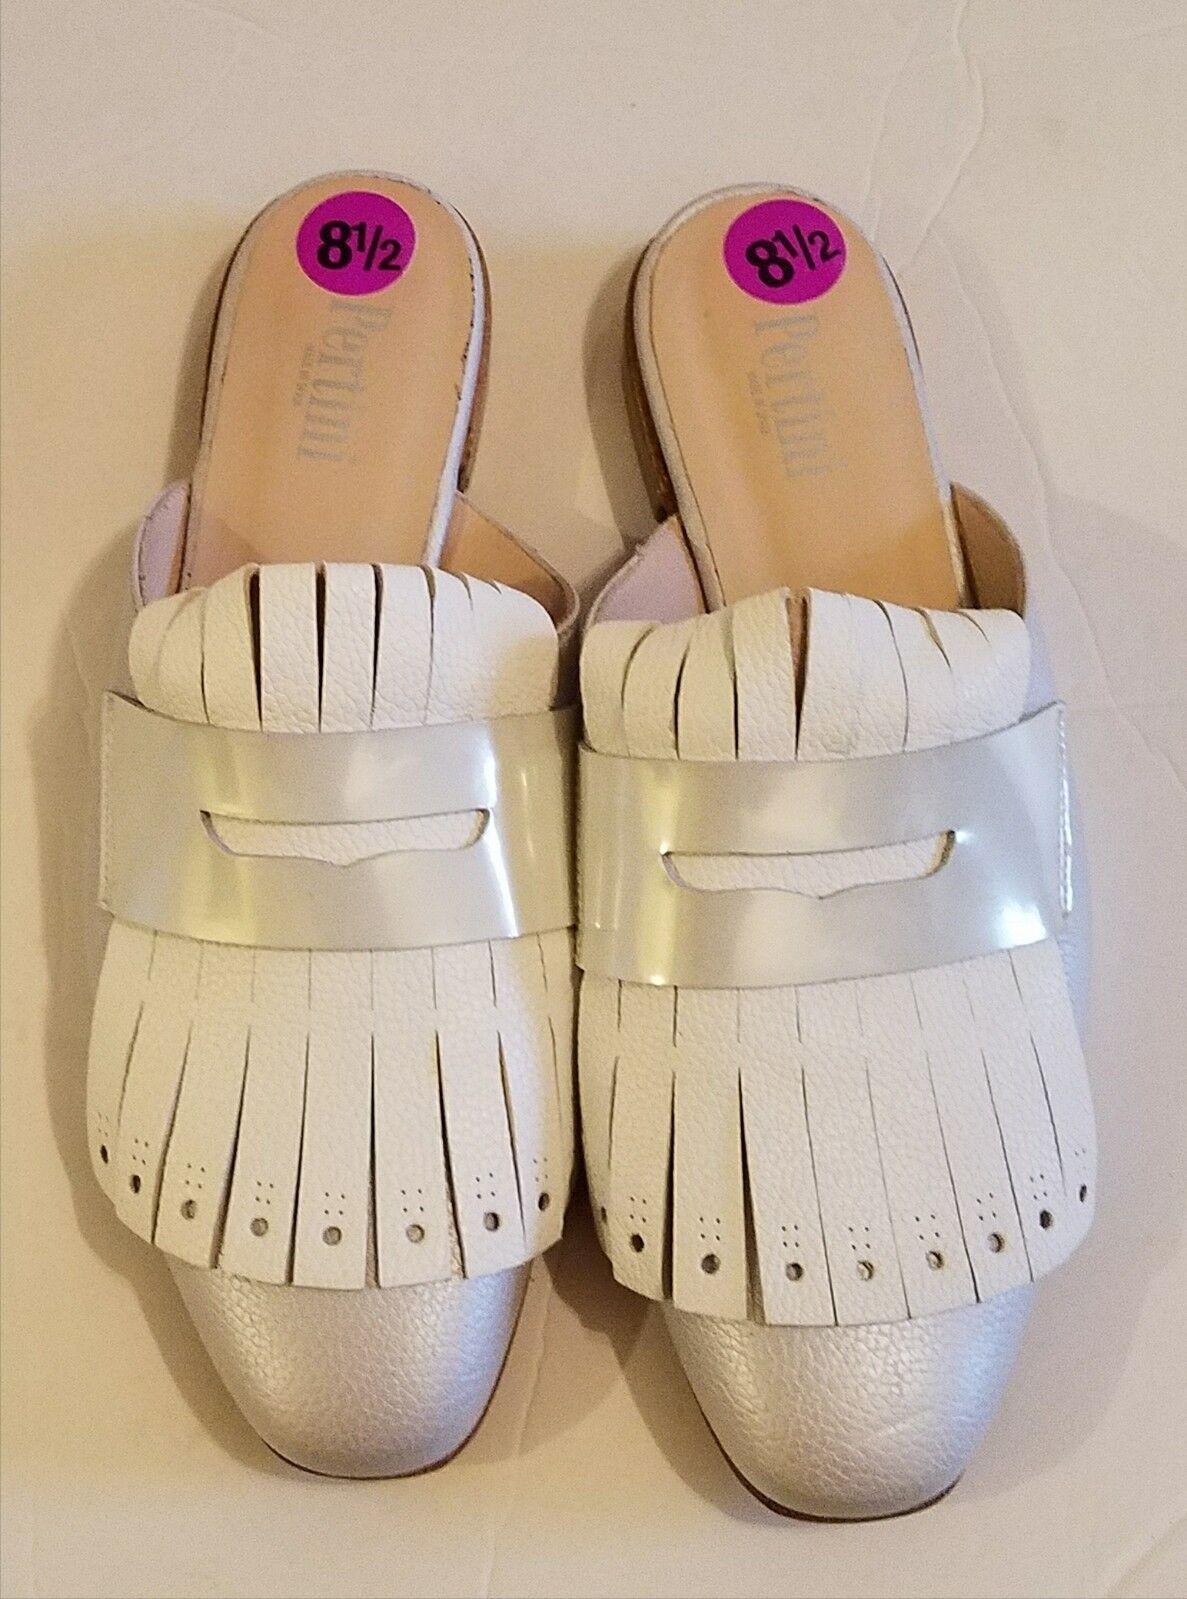 Pertini Mocasines de Mujer Mulas Talla Zapatos blancoo gris Talla Mulas 39.5 (8.5) como es ad484a